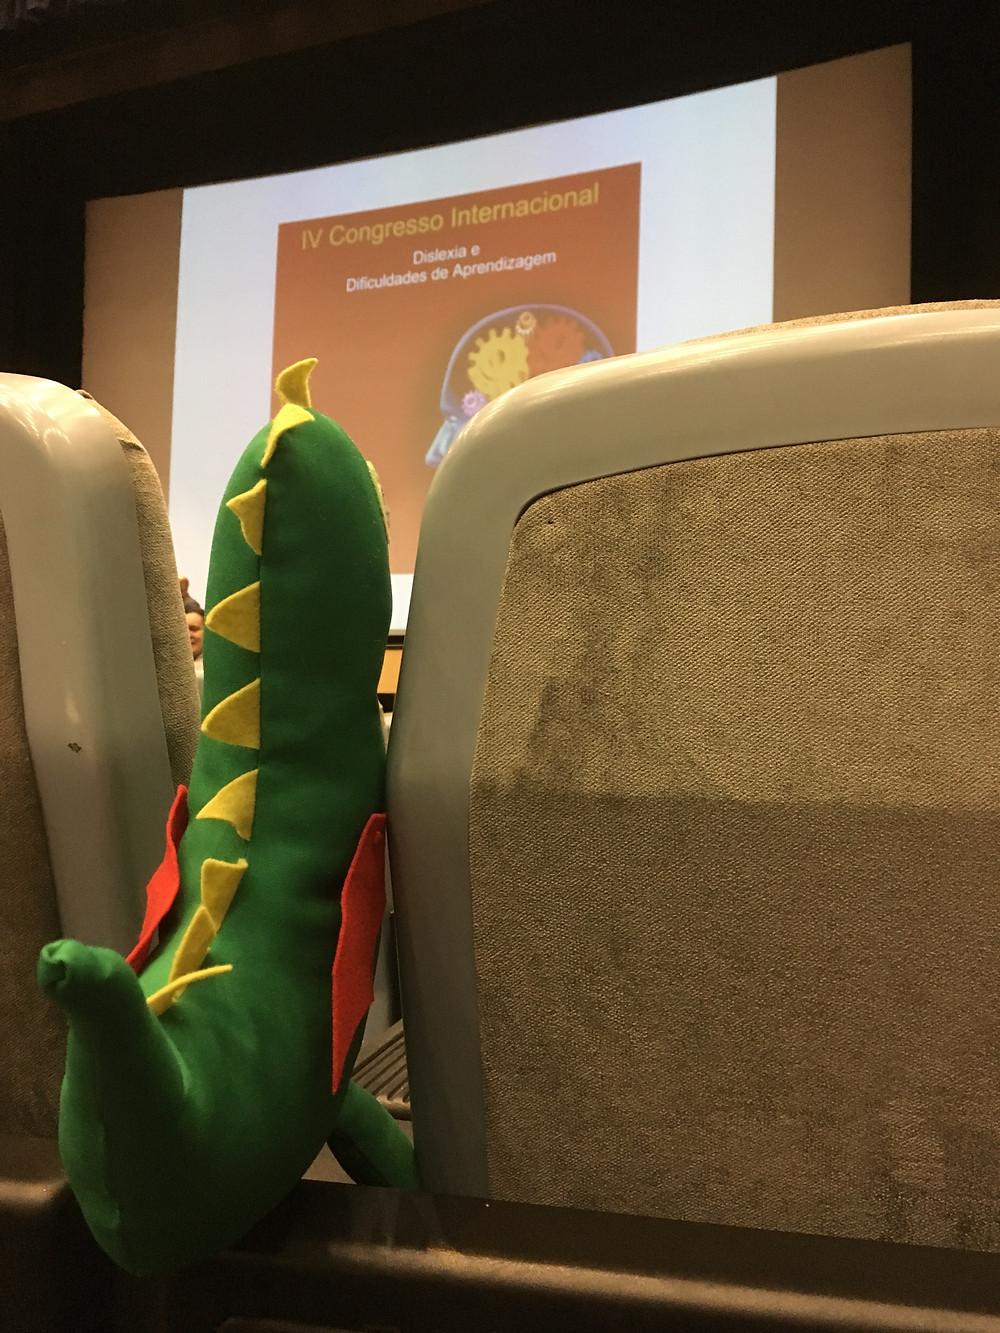 dragão Dom assistindo ao congresso